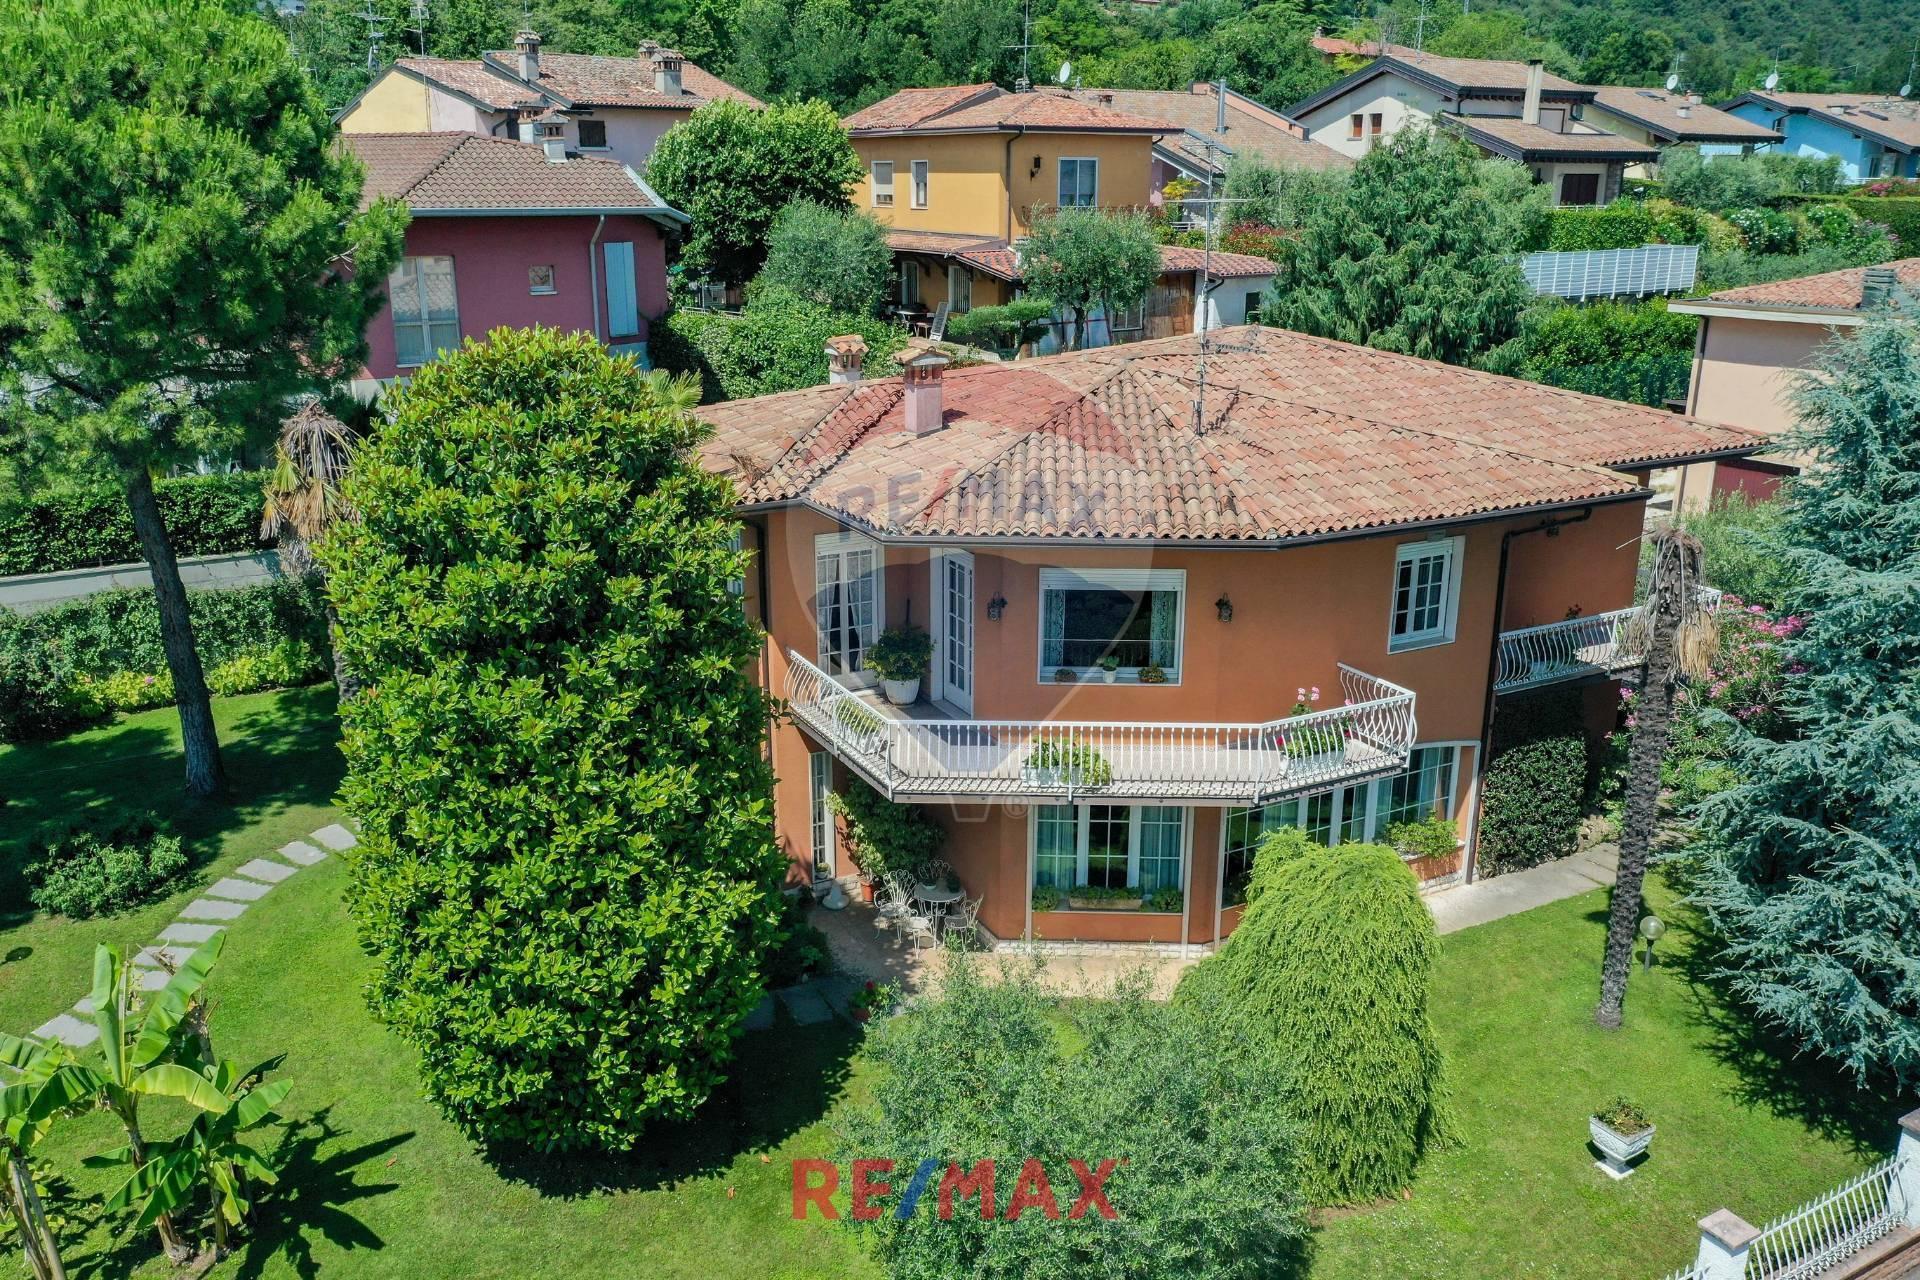 Villa in vendita a Lonato, 7 locali, zona Zona: Barcuzzi, prezzo € 500.000 | CambioCasa.it